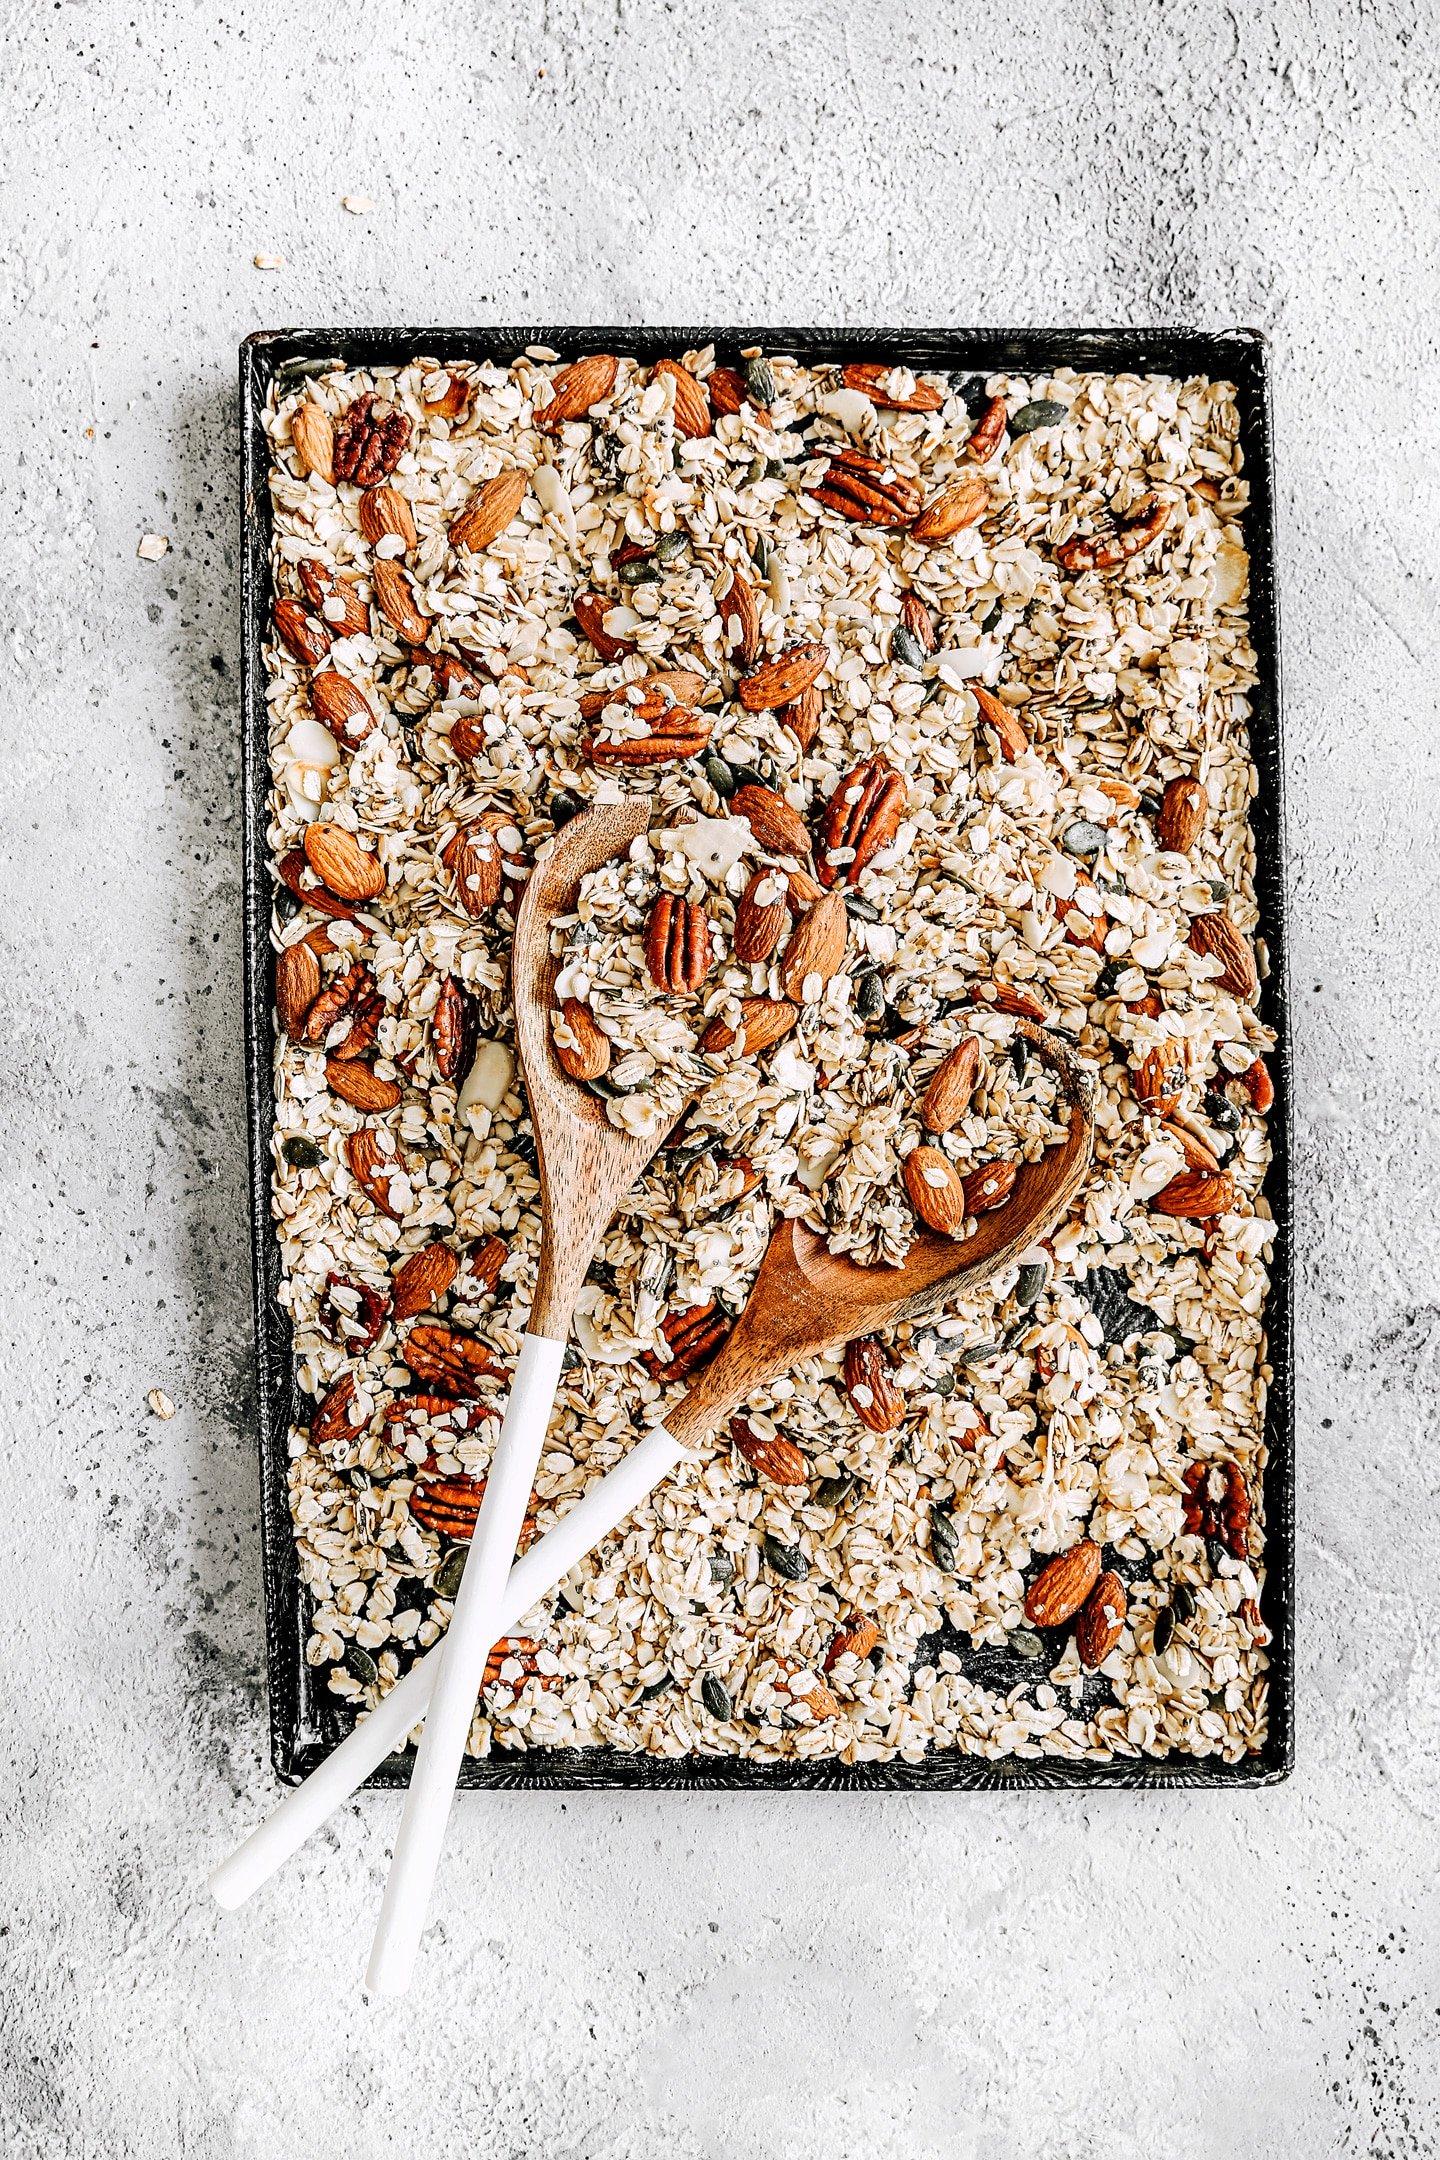 Recette facile du granola maison